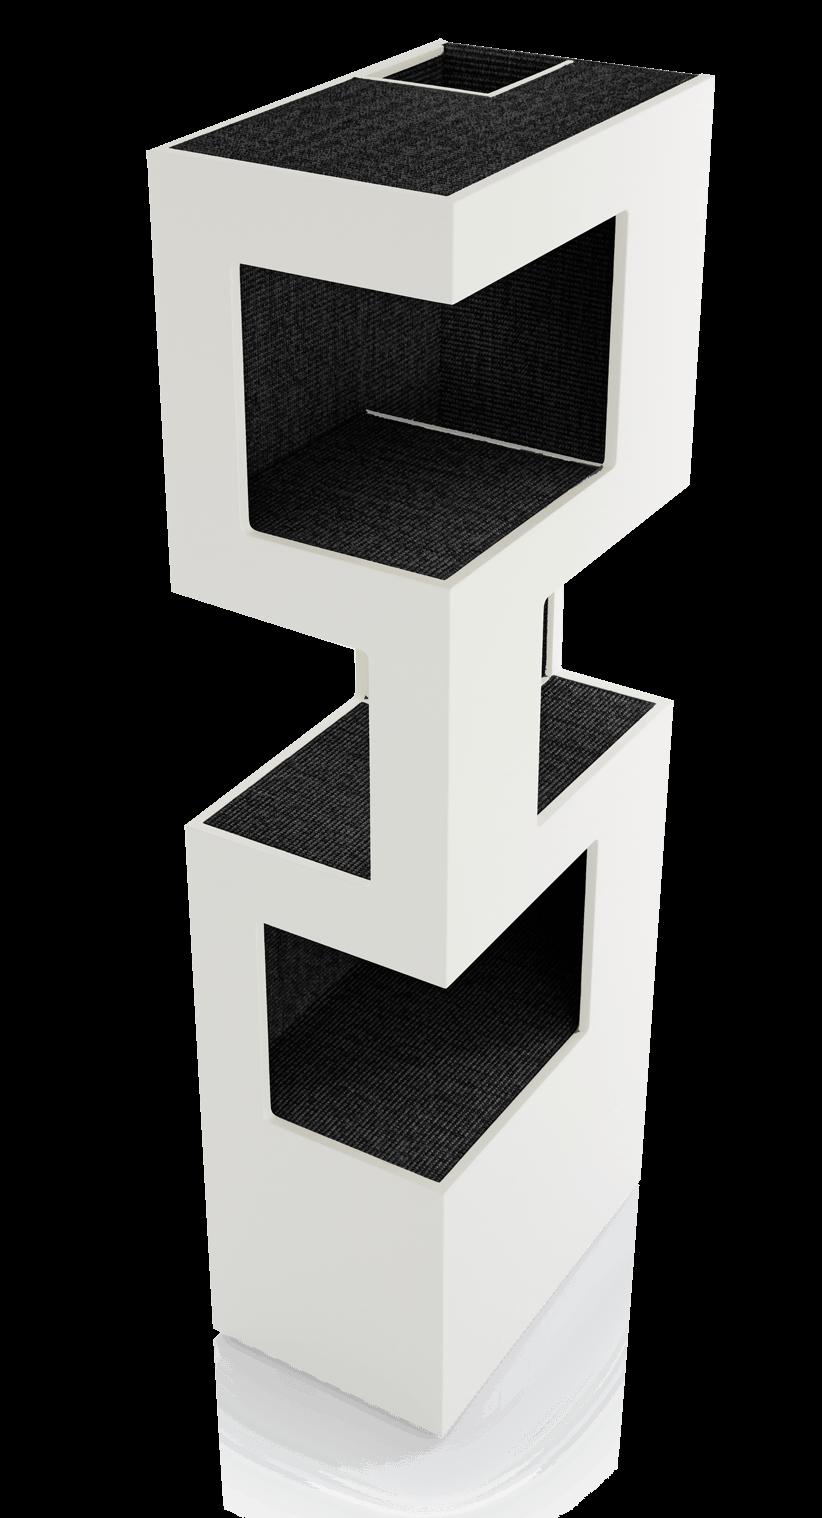 moderner kratzbaum the one kratzen klettern pinterest katzen kratzbaum und hund und katze. Black Bedroom Furniture Sets. Home Design Ideas